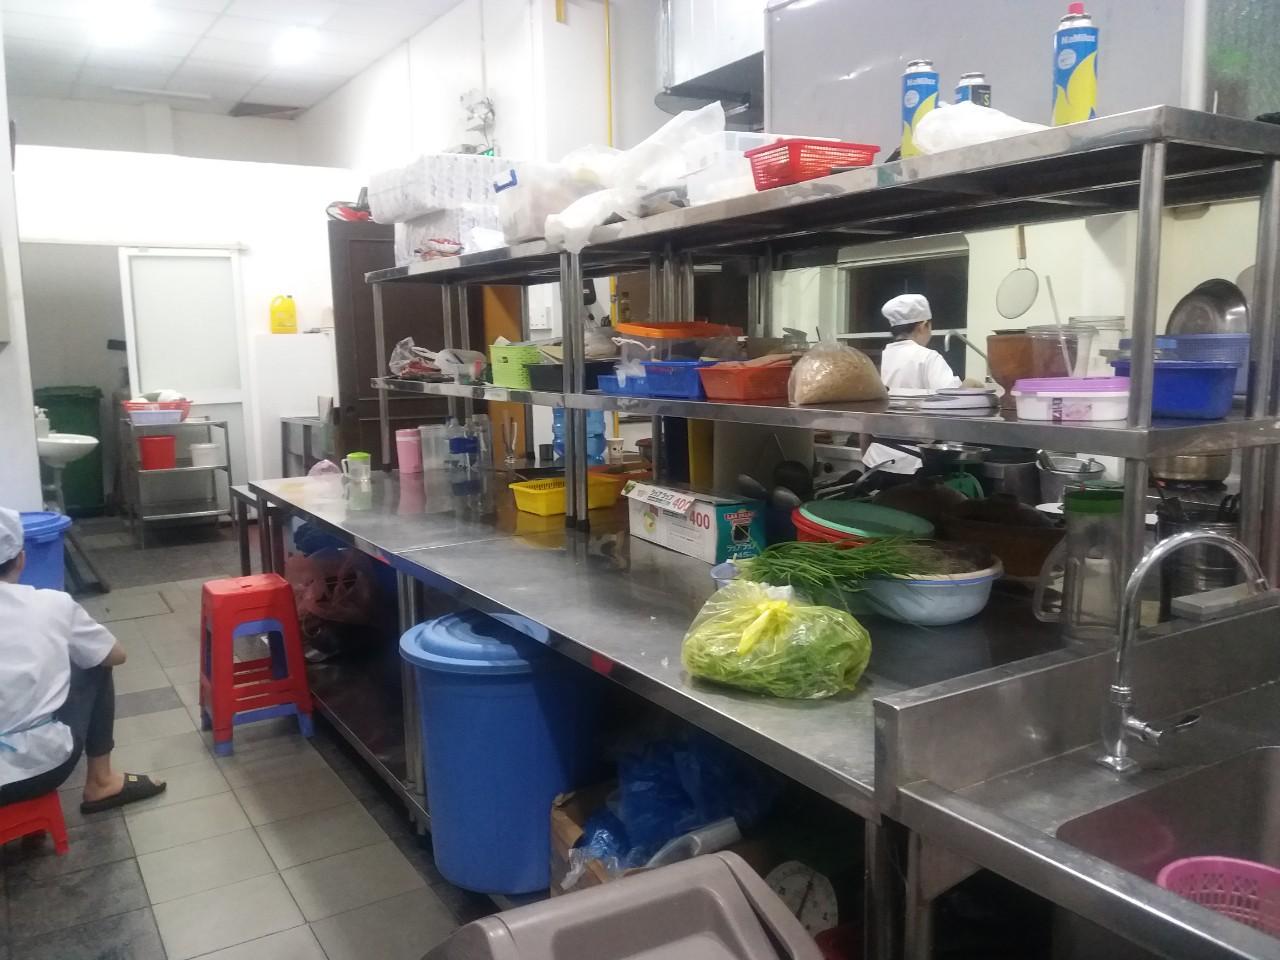 Khu bếp trông sạch sẽ và gọn gàng hơn sau khi diệt côn trùng